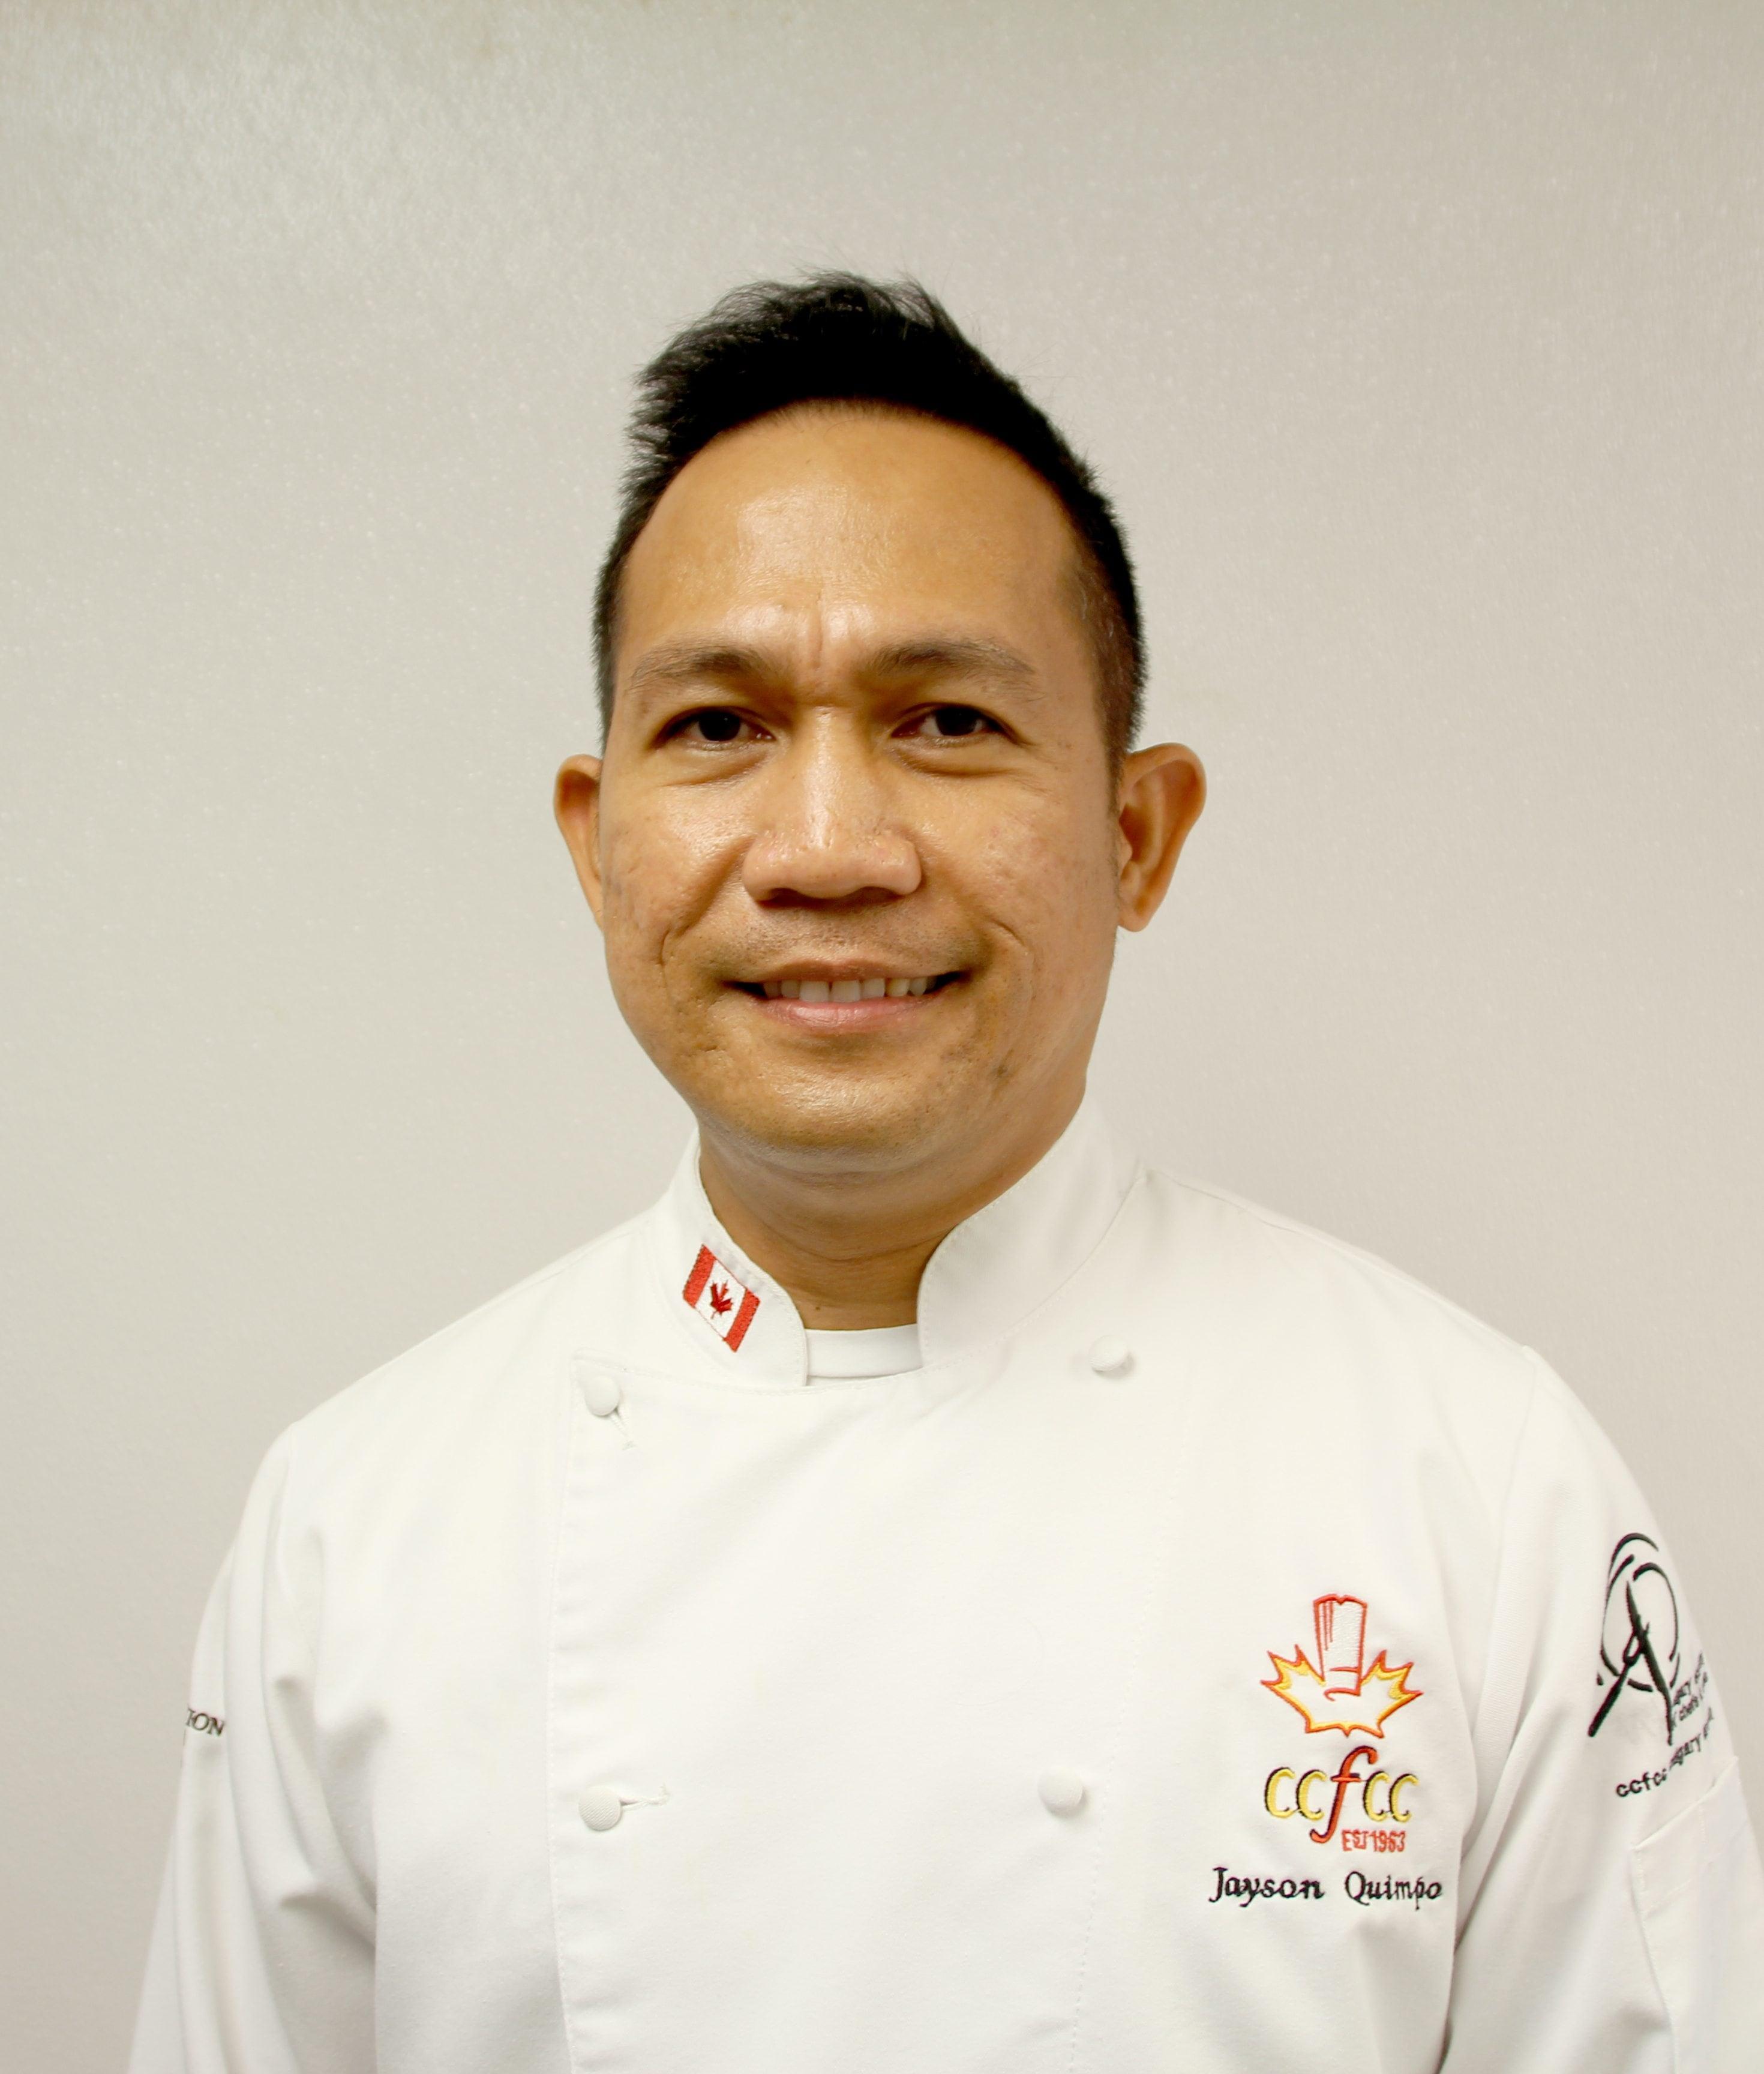 Fish Creek chef Jayson Quimpo